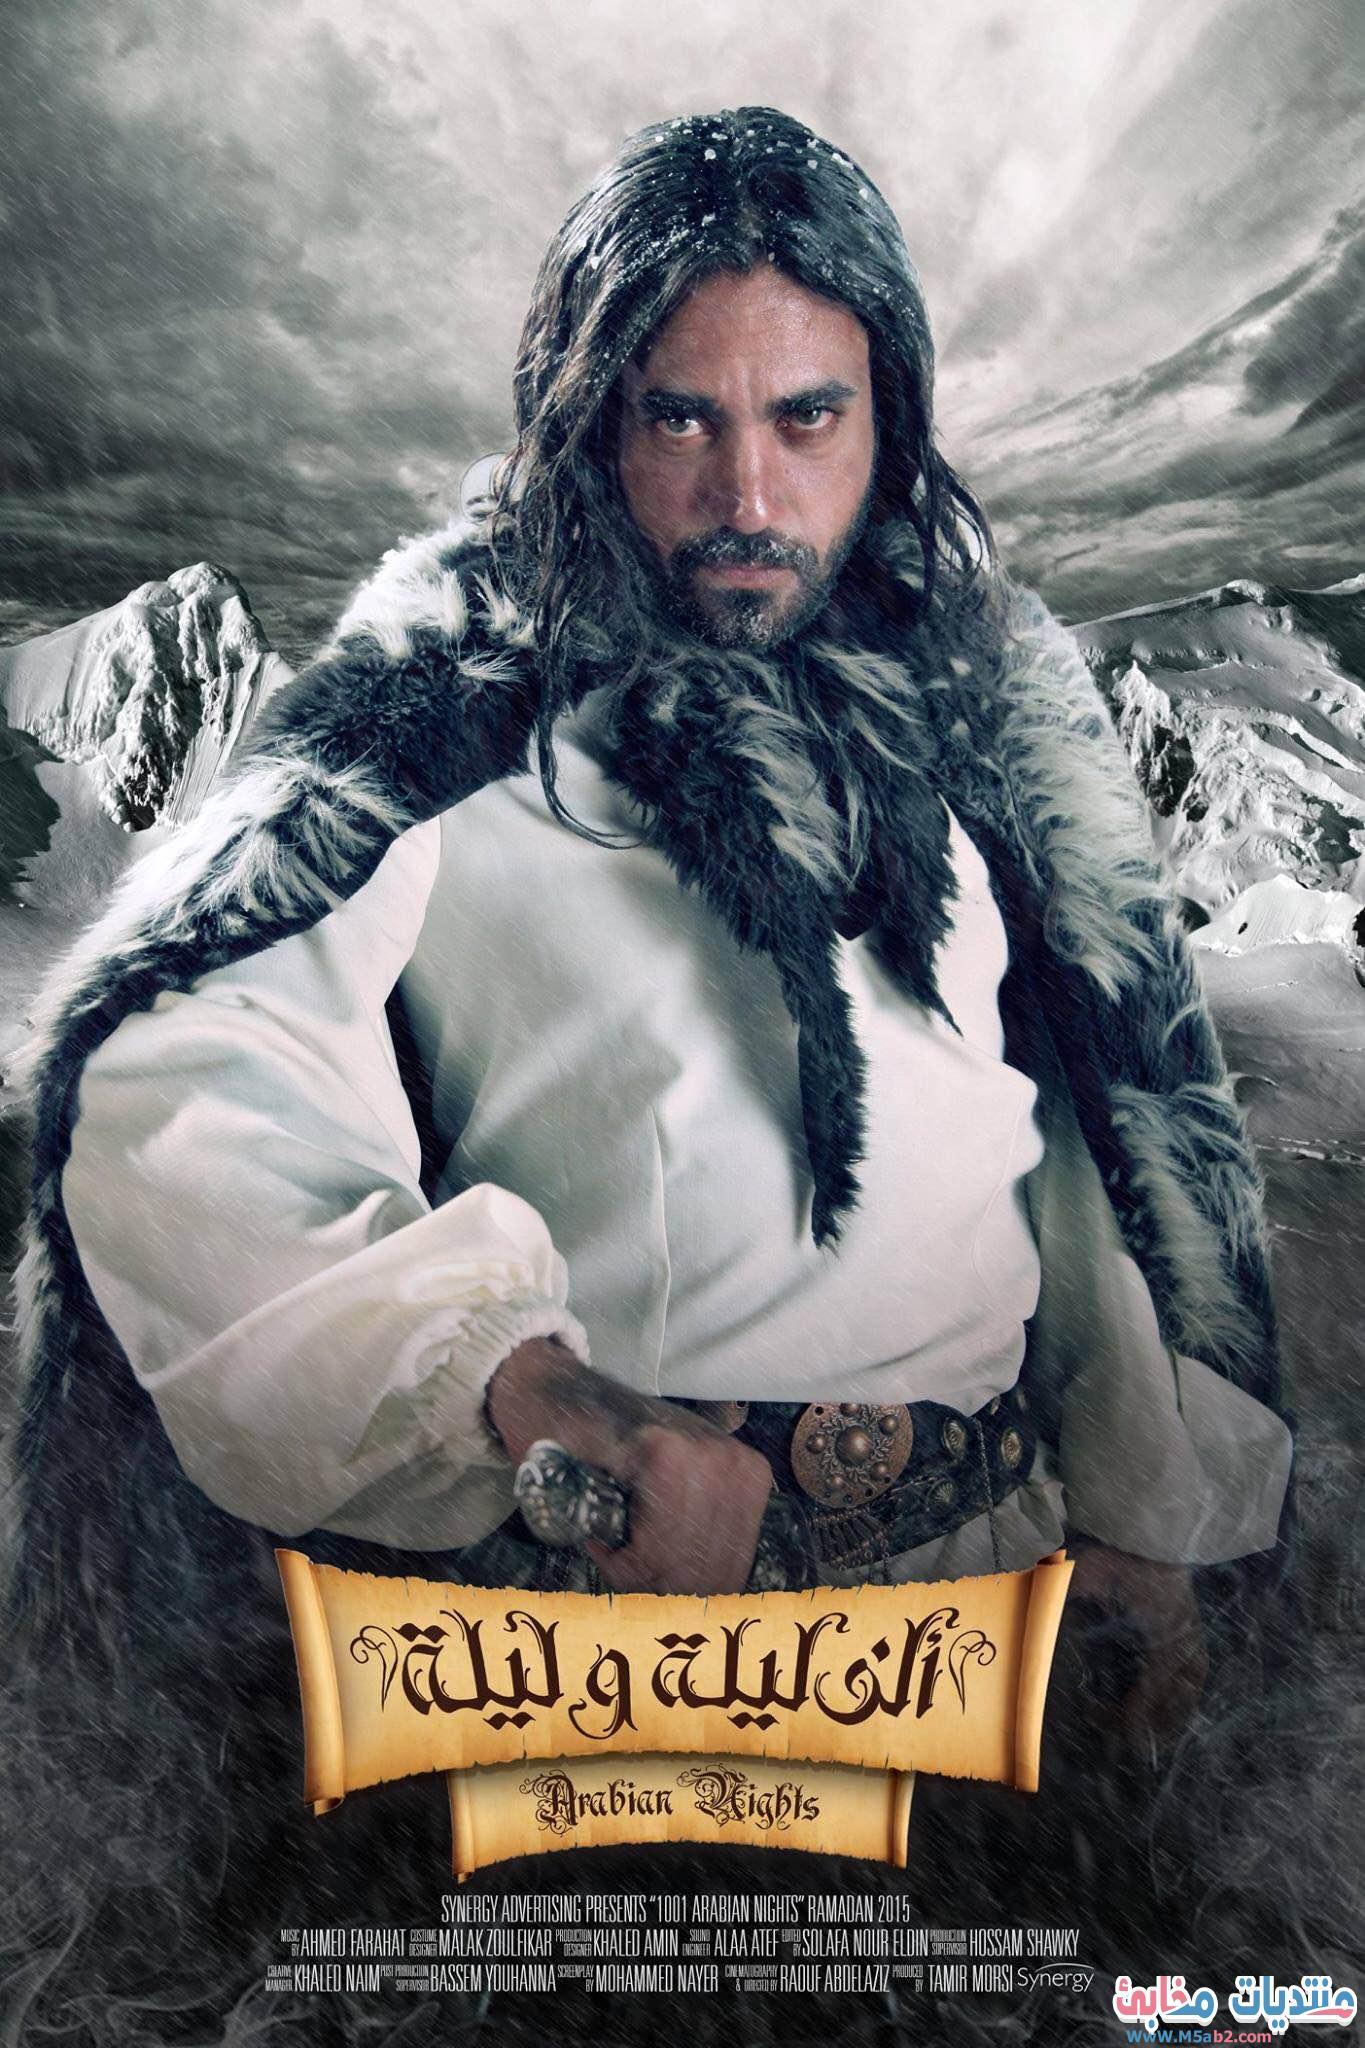 ملخص حلقة رقم خمسة 5 من مسلسل ألف ليلة وليلة رمضان 2015